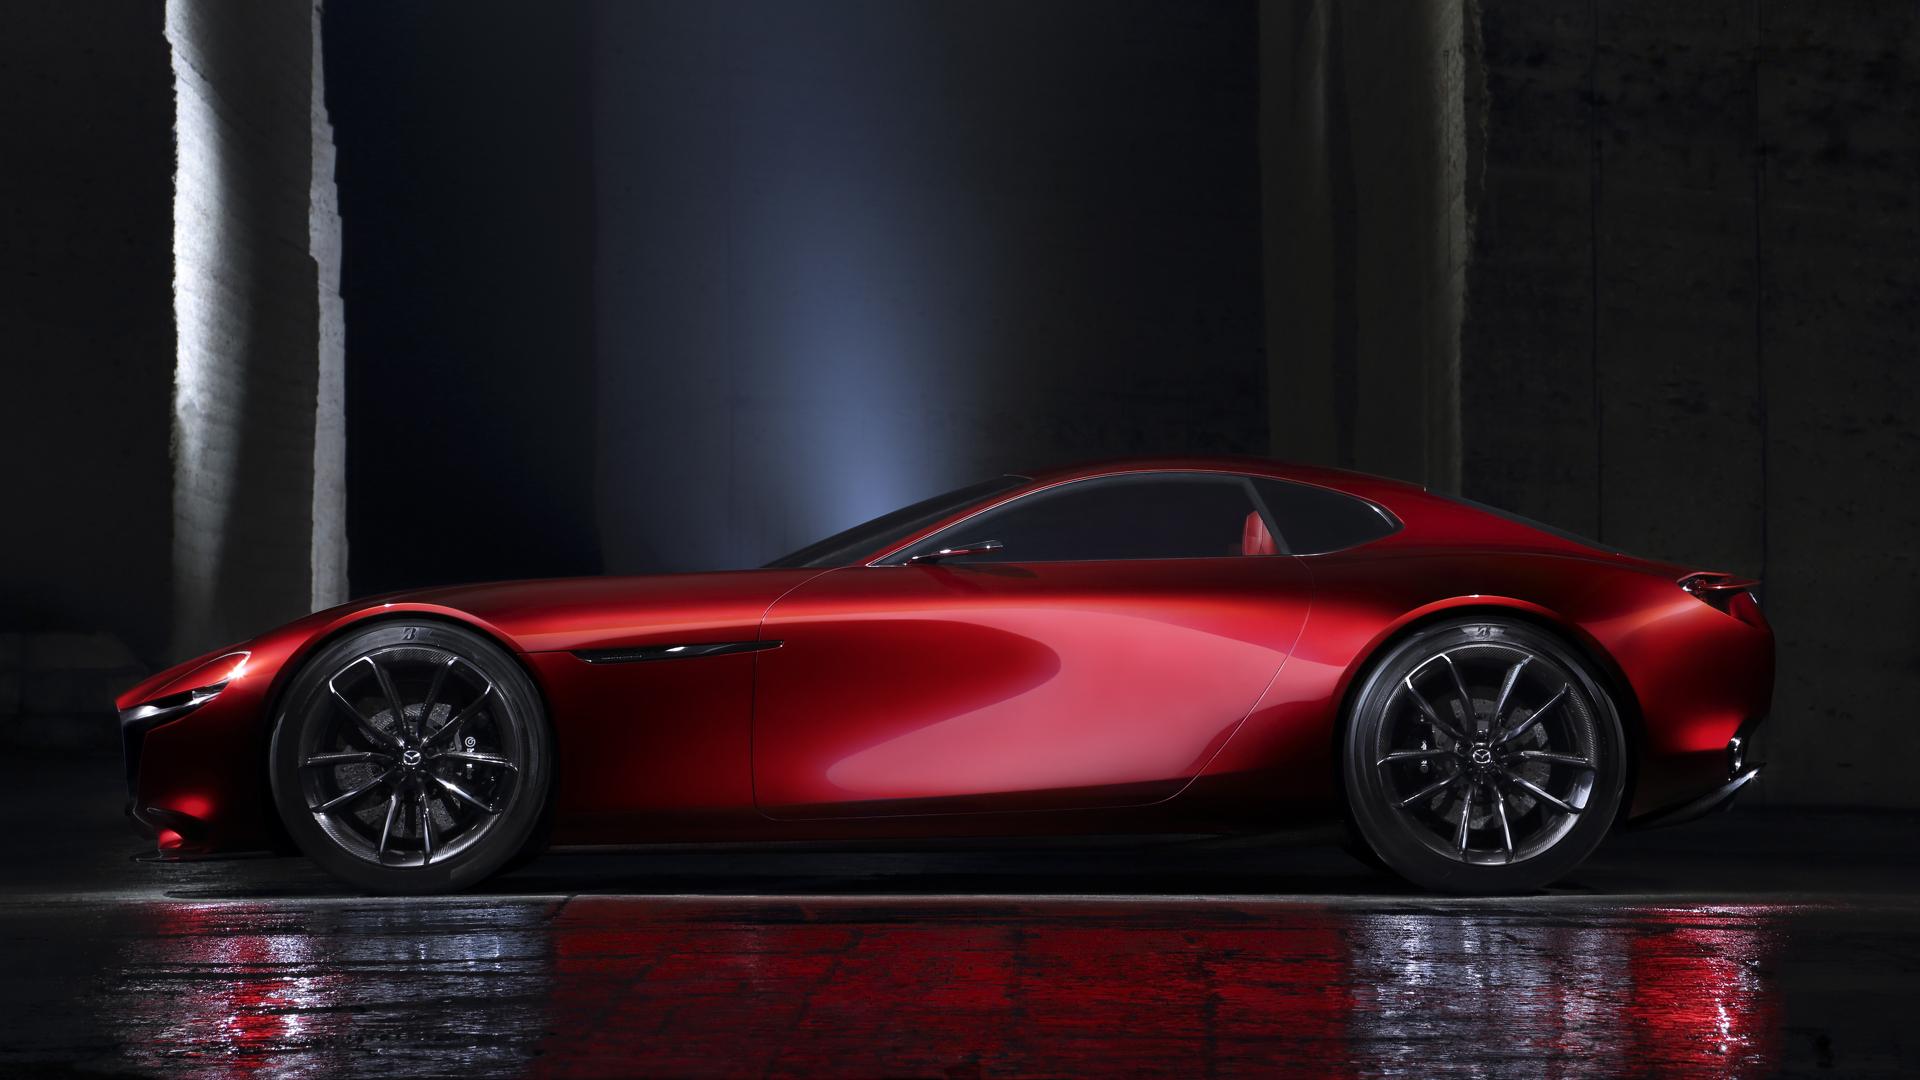 Mazda RX 9 ing 2019 Debut At Tokyo Motor Show New Rumors Say